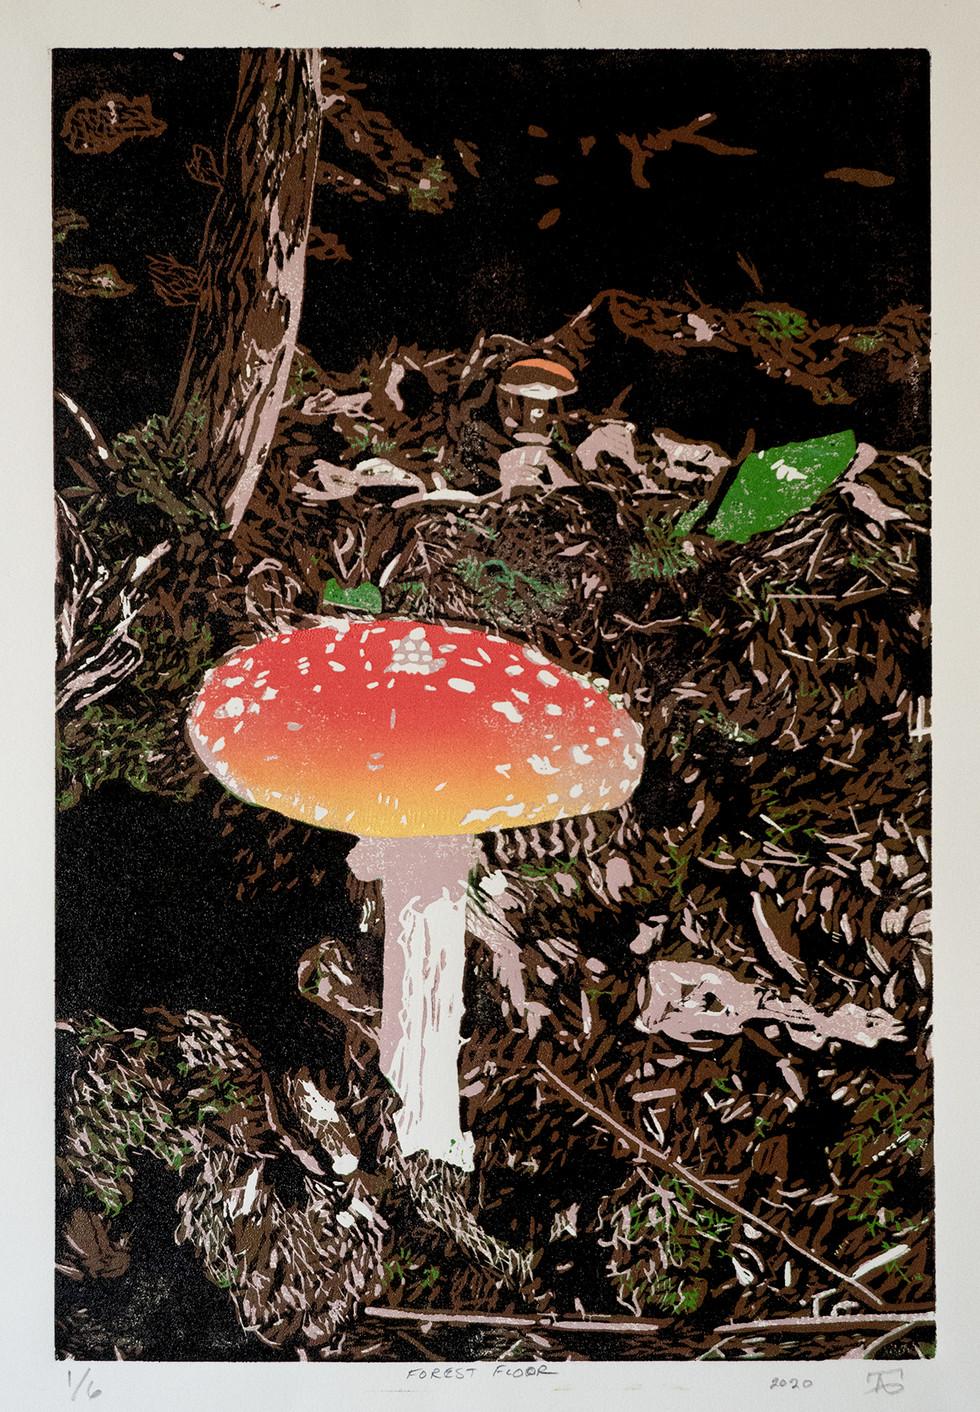 Forest Floor Mushroom